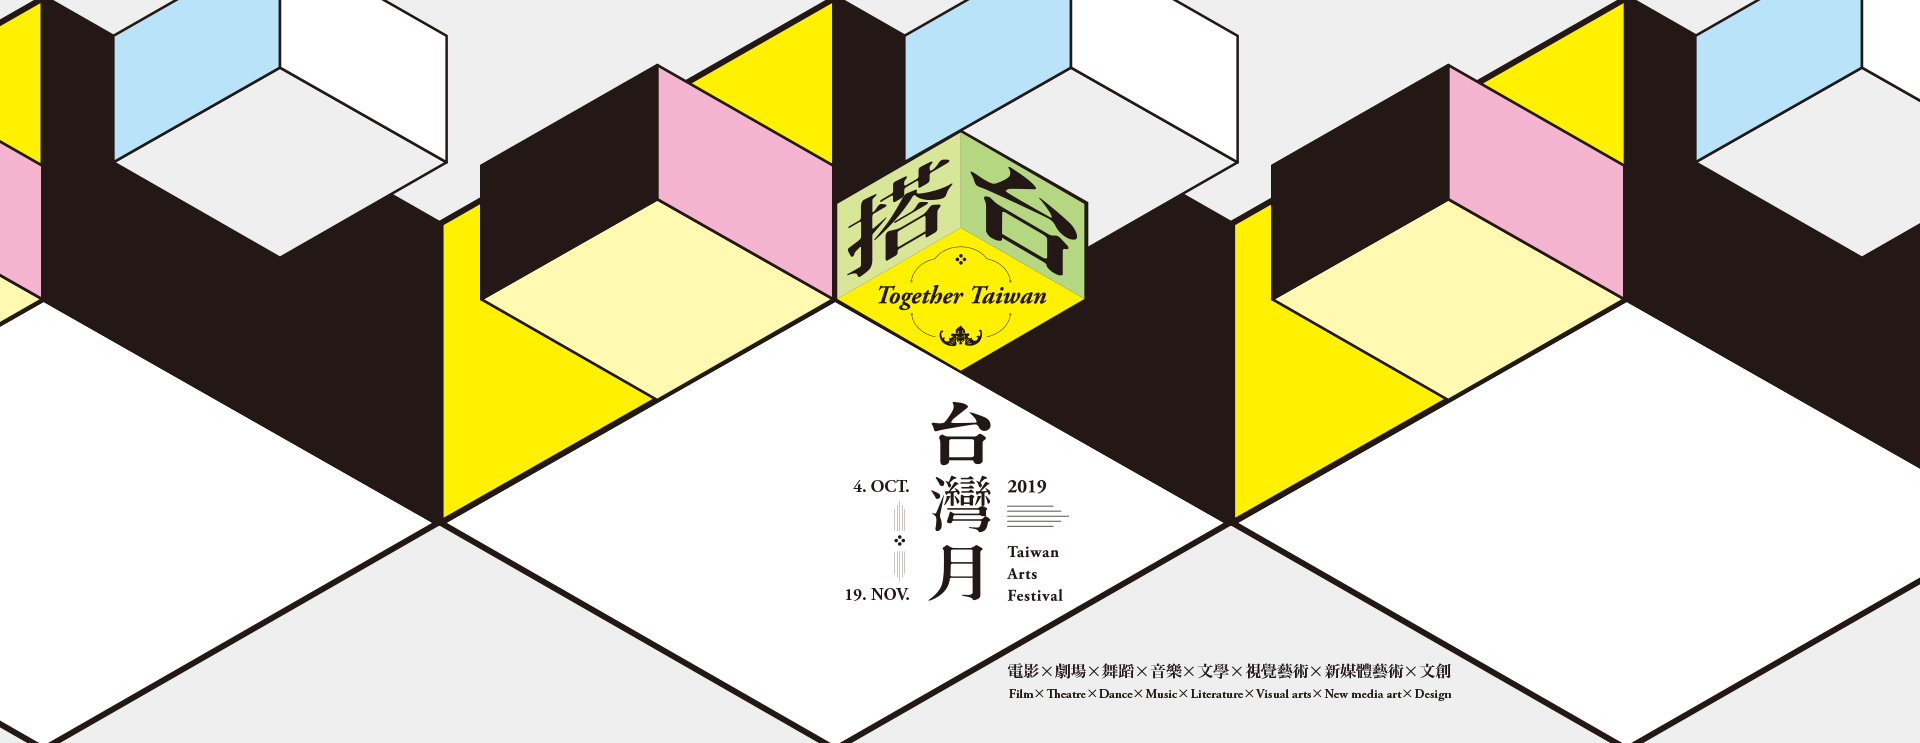 台灣月2019-搭台